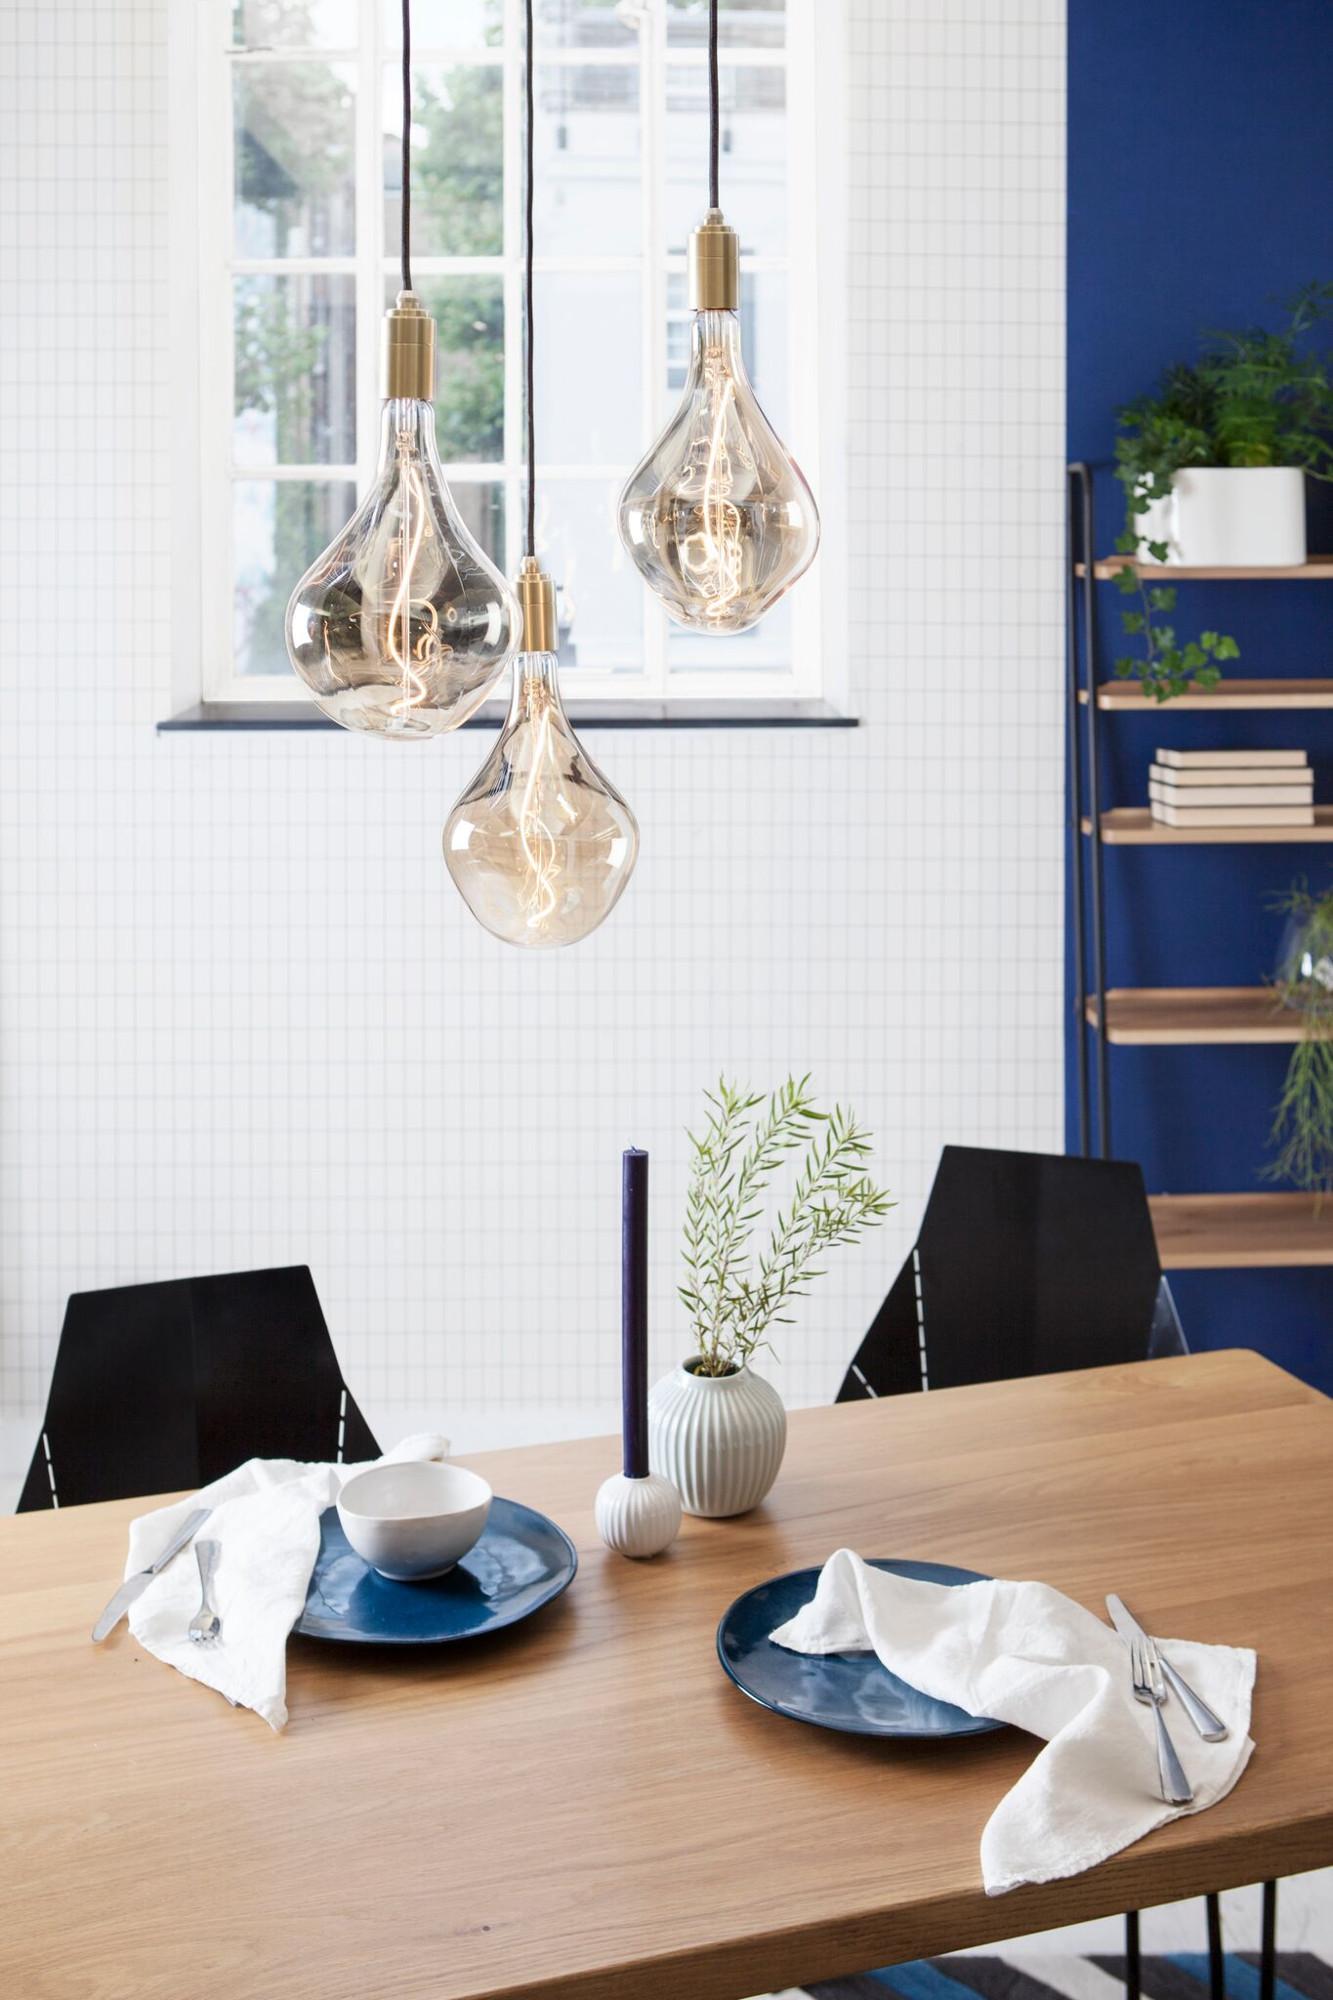 Voronoi II Bulb by Tala Installation Gallery